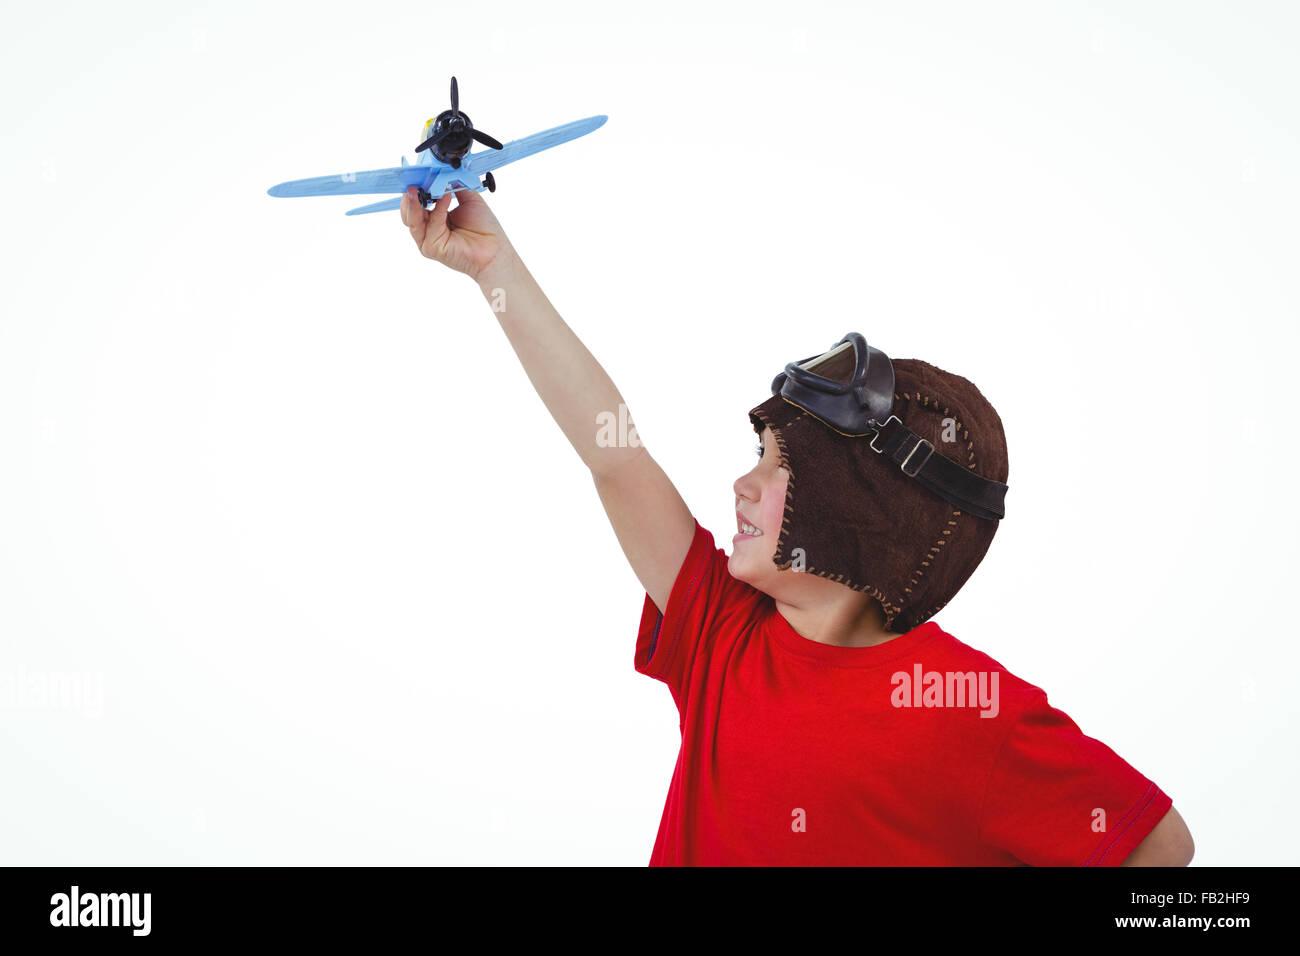 Jungen spielen mit Spielzeugflugzeug Stockbild